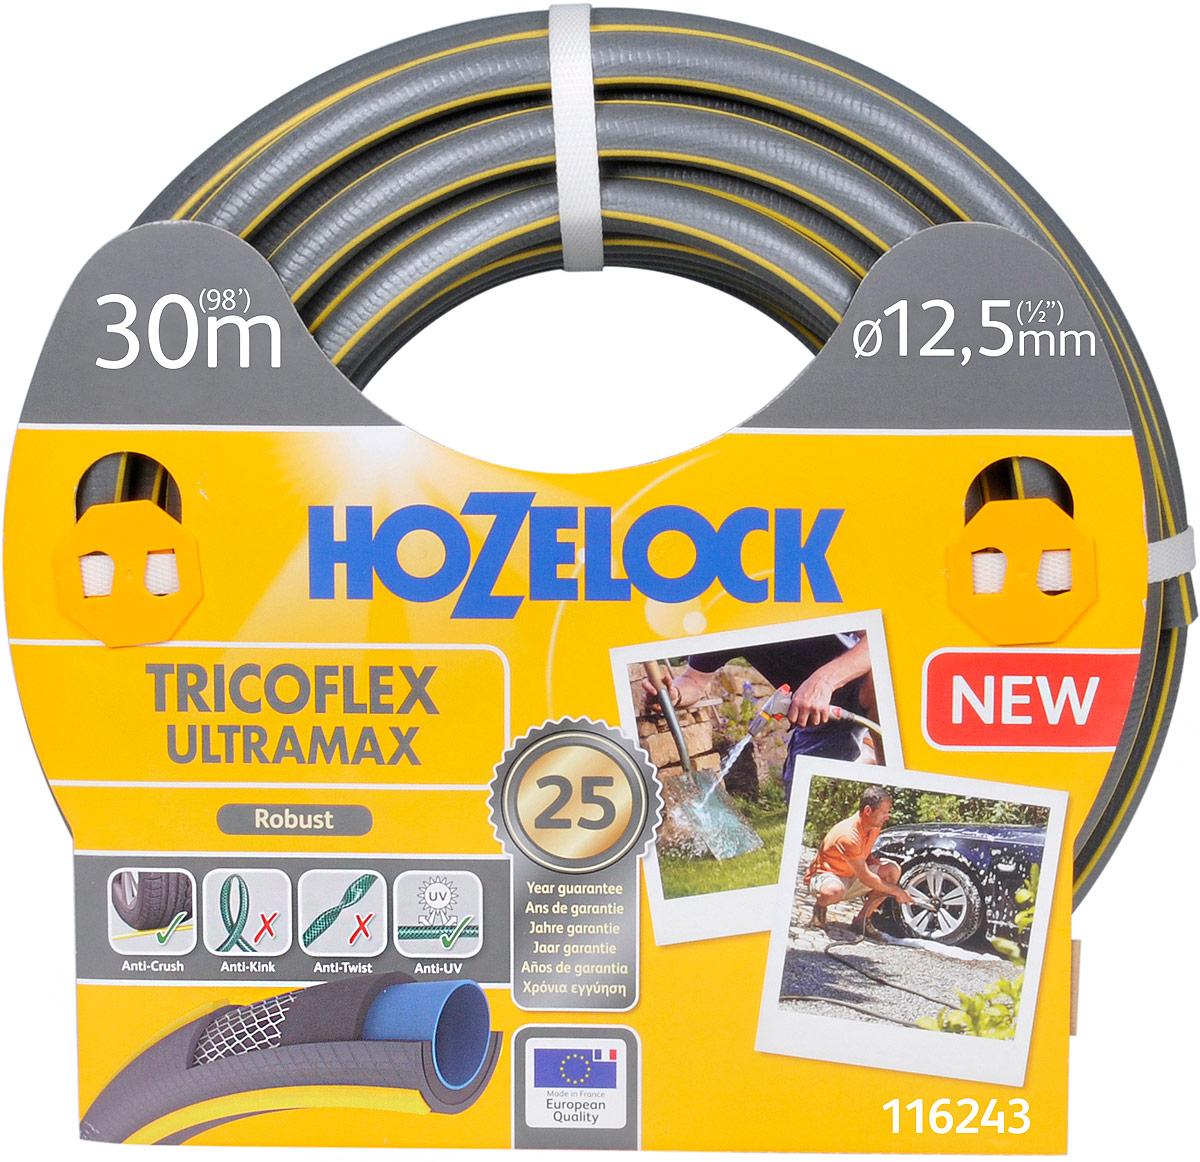 Шланг HoZelock 116243 Tricoflex Ultramax 12,5 мм 30 м • Усиленная защита от повреждений, перегибов и перекручиванияПрочный Шланг, состоящий из 5-ти слоев, прекрасно подойдет тем, кто больше всего ценит в Шлангах надежность и износостойкость. Гладкий внутренний слой обеспечивает максимальный ток воды. Однородный микропористый слой из ПВХ по технологии Soft&Flex придает прочность стенкам Шланга, облегчает вес (до 25% легче, чем у конкурентов) и улучшает маневренность. Удобен в эксплуатации-легко сматывается в катушки и системы хранения. Специальное армированное плетение по технологии TNT предотвращает деформацию Шланга при скручивании; внешний слой из ПВХ защищает от повреждений, изготовлен по технологии Ergo Rib, благодаря которой Шланг комфортно держать в руке. Материалы, из которых состоит Шланг, являются безопасными для человека и окружающей среды-не содержат фталатов, тяжелых металлов и вредных токсинов.